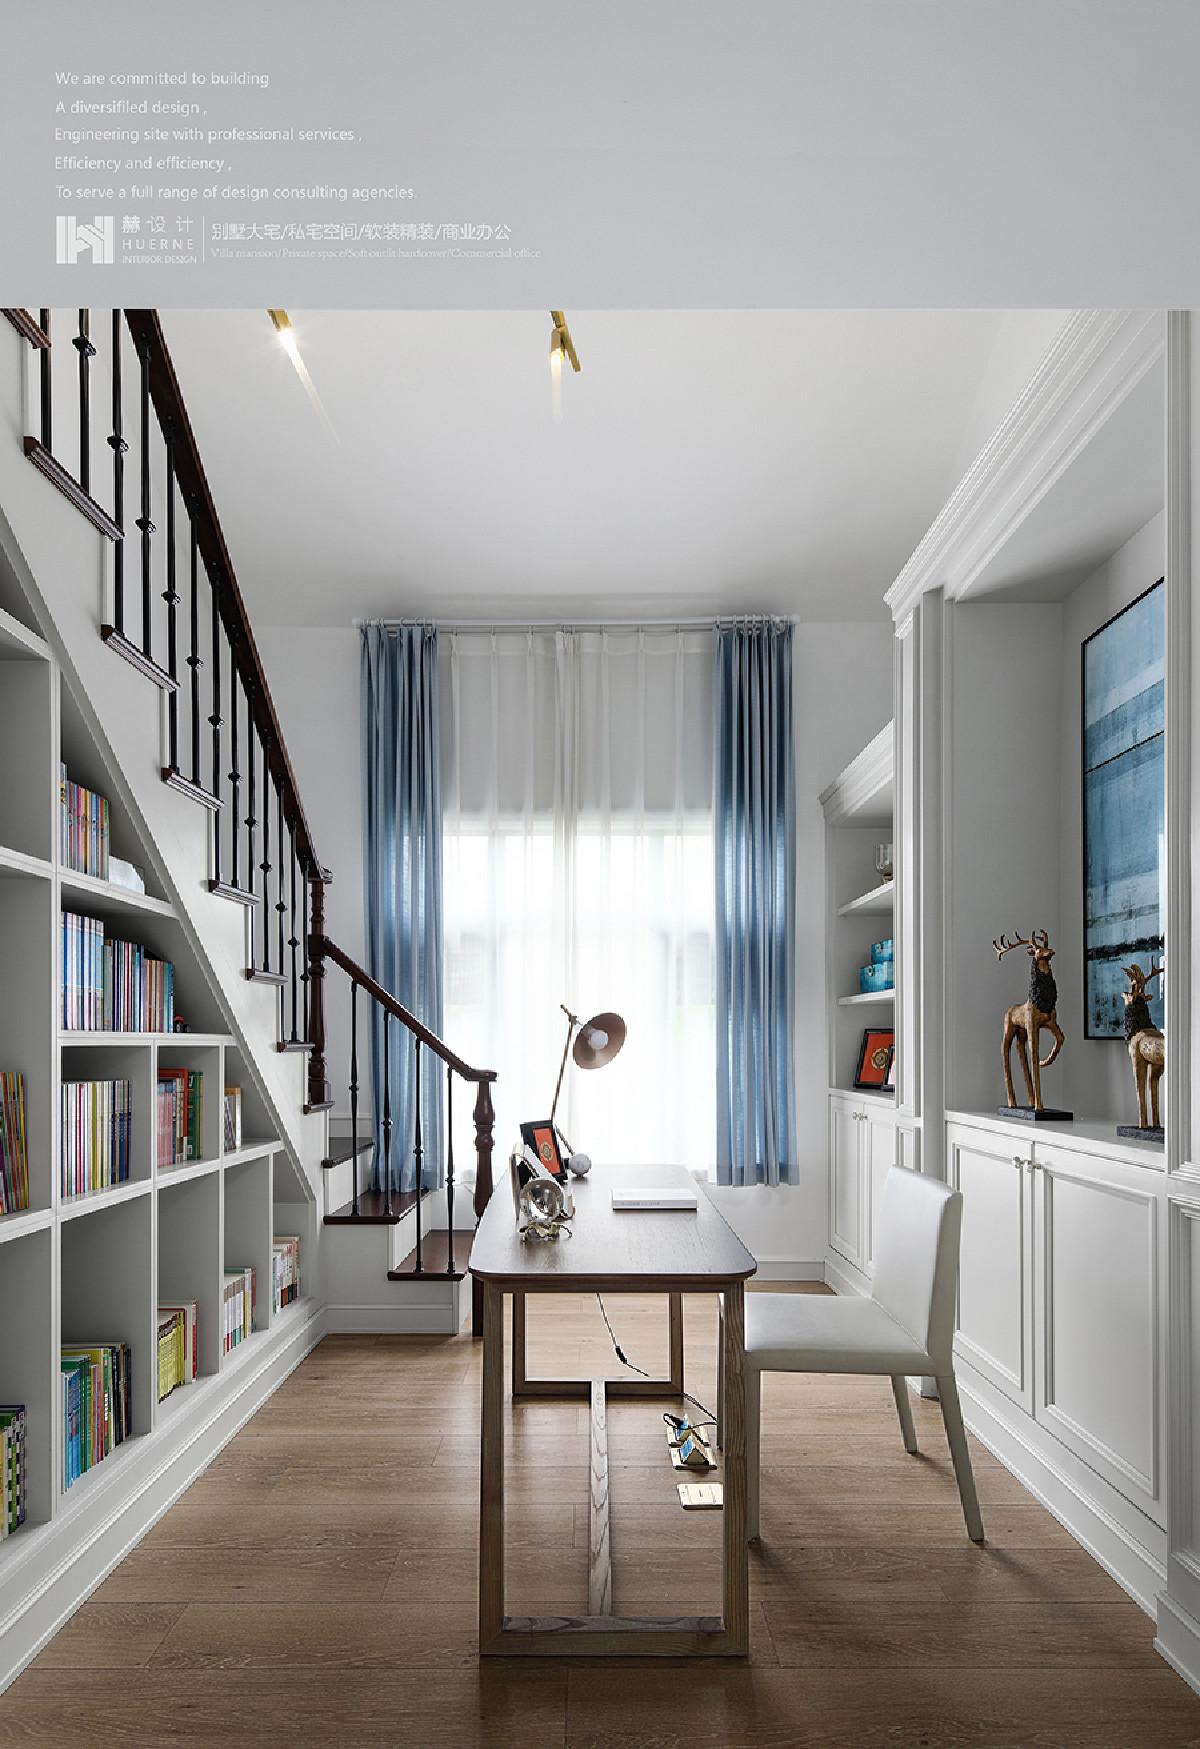 既是办公学习之所,也是作为临界点而存在,穿过书房,登上楼梯,引领你去往另一个世界,衣帽间……